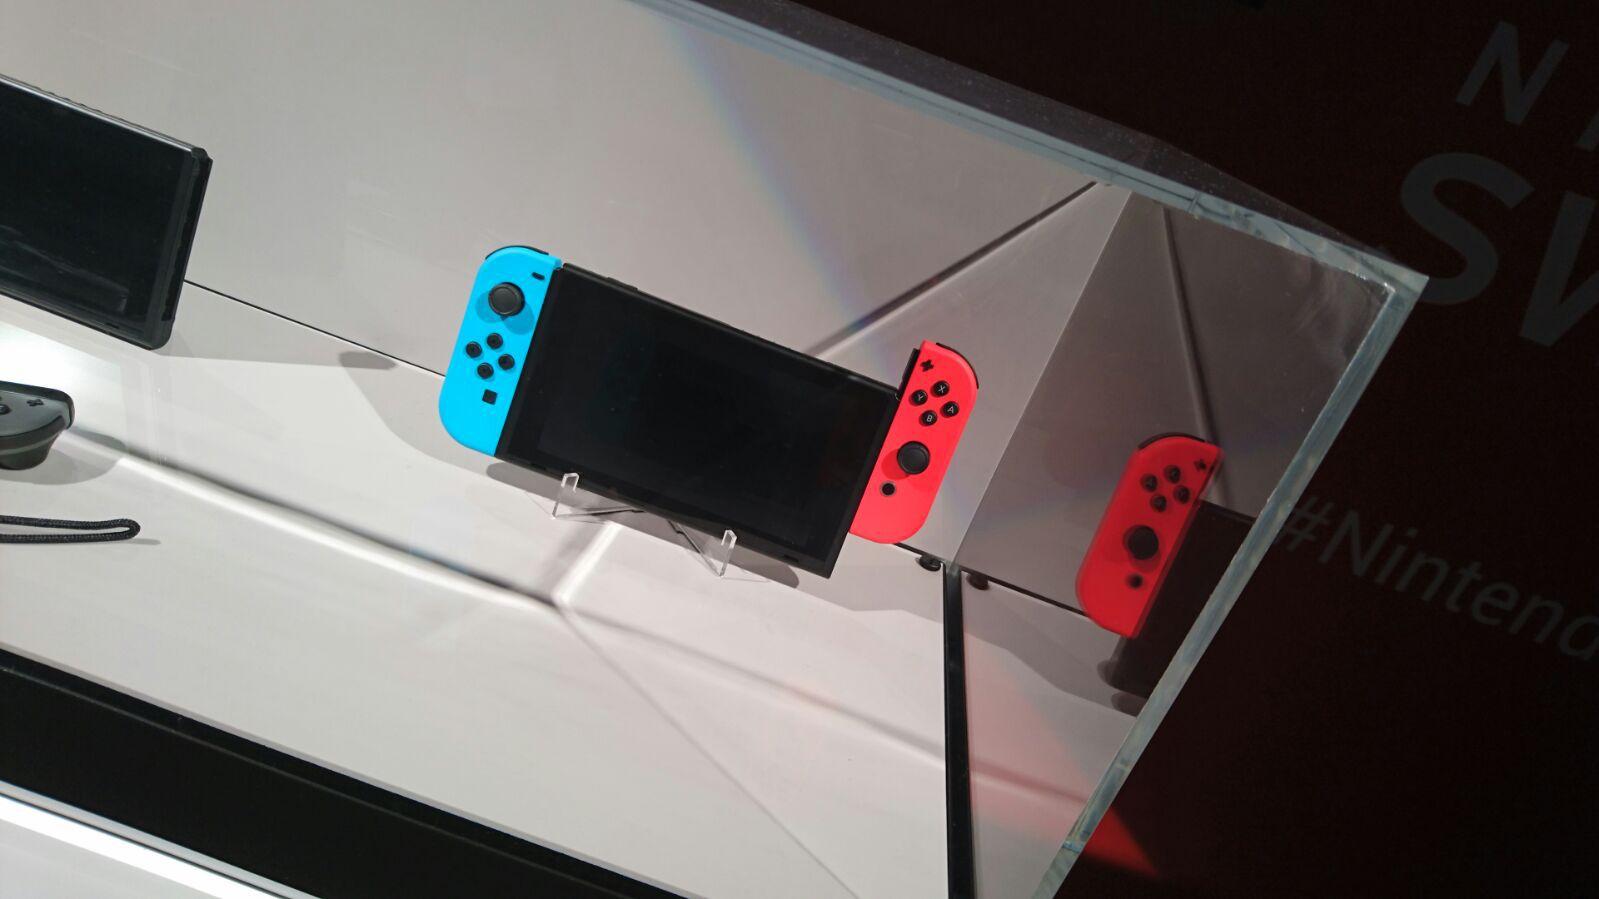 Nintendo switch la chat vocale richieder l 39 abbonamento for Samsung arena milano